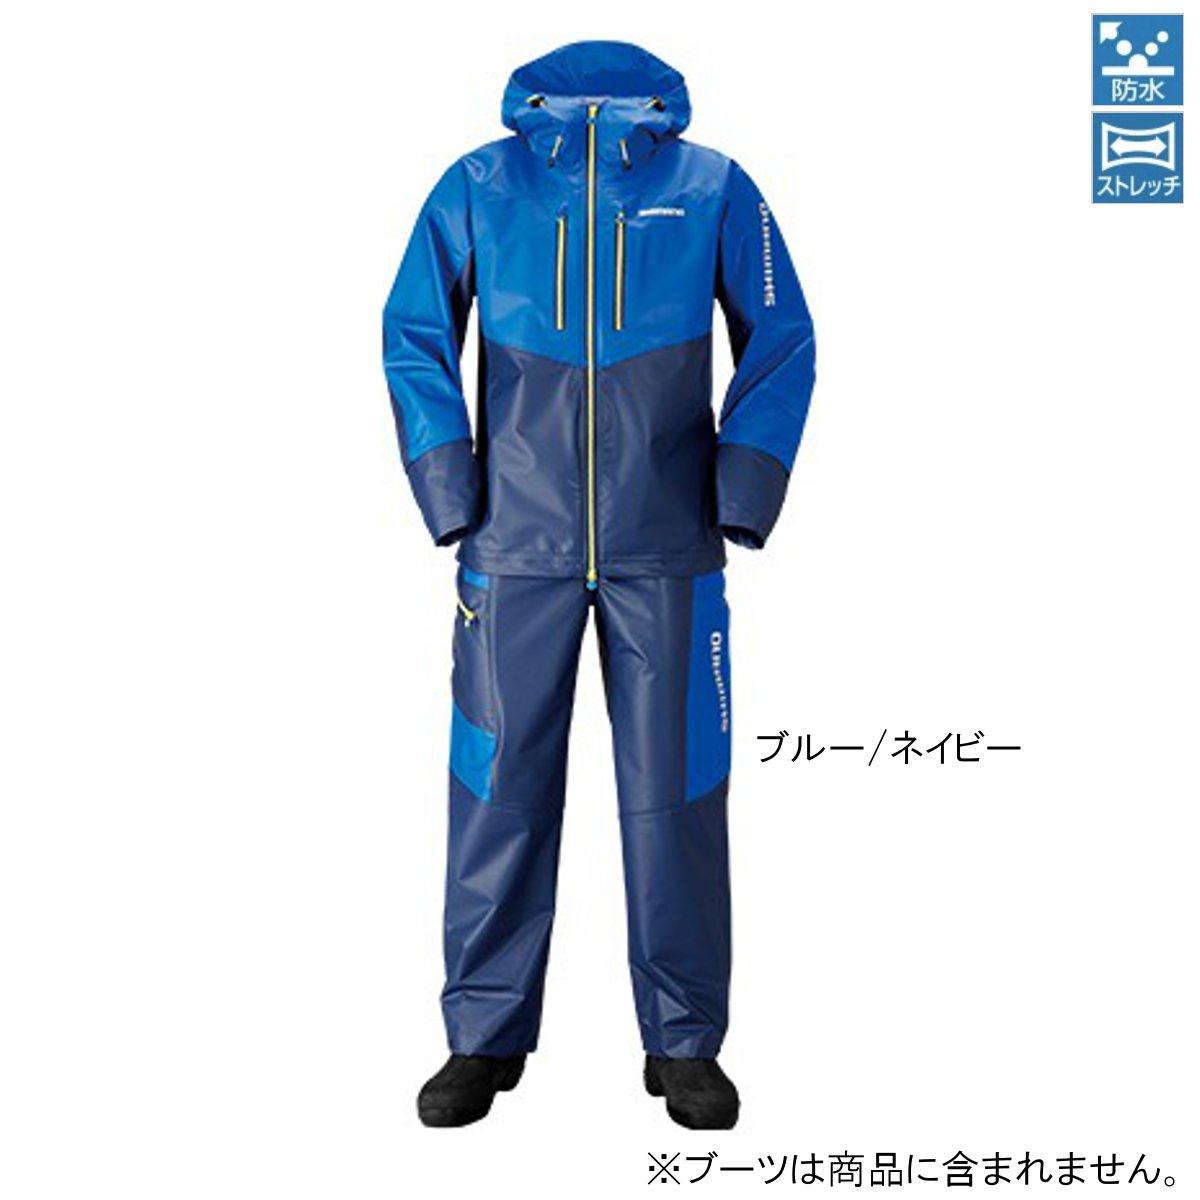 シマノ マリンライトスーツ RA-034N M ブルー/ネイビー(東日本店)